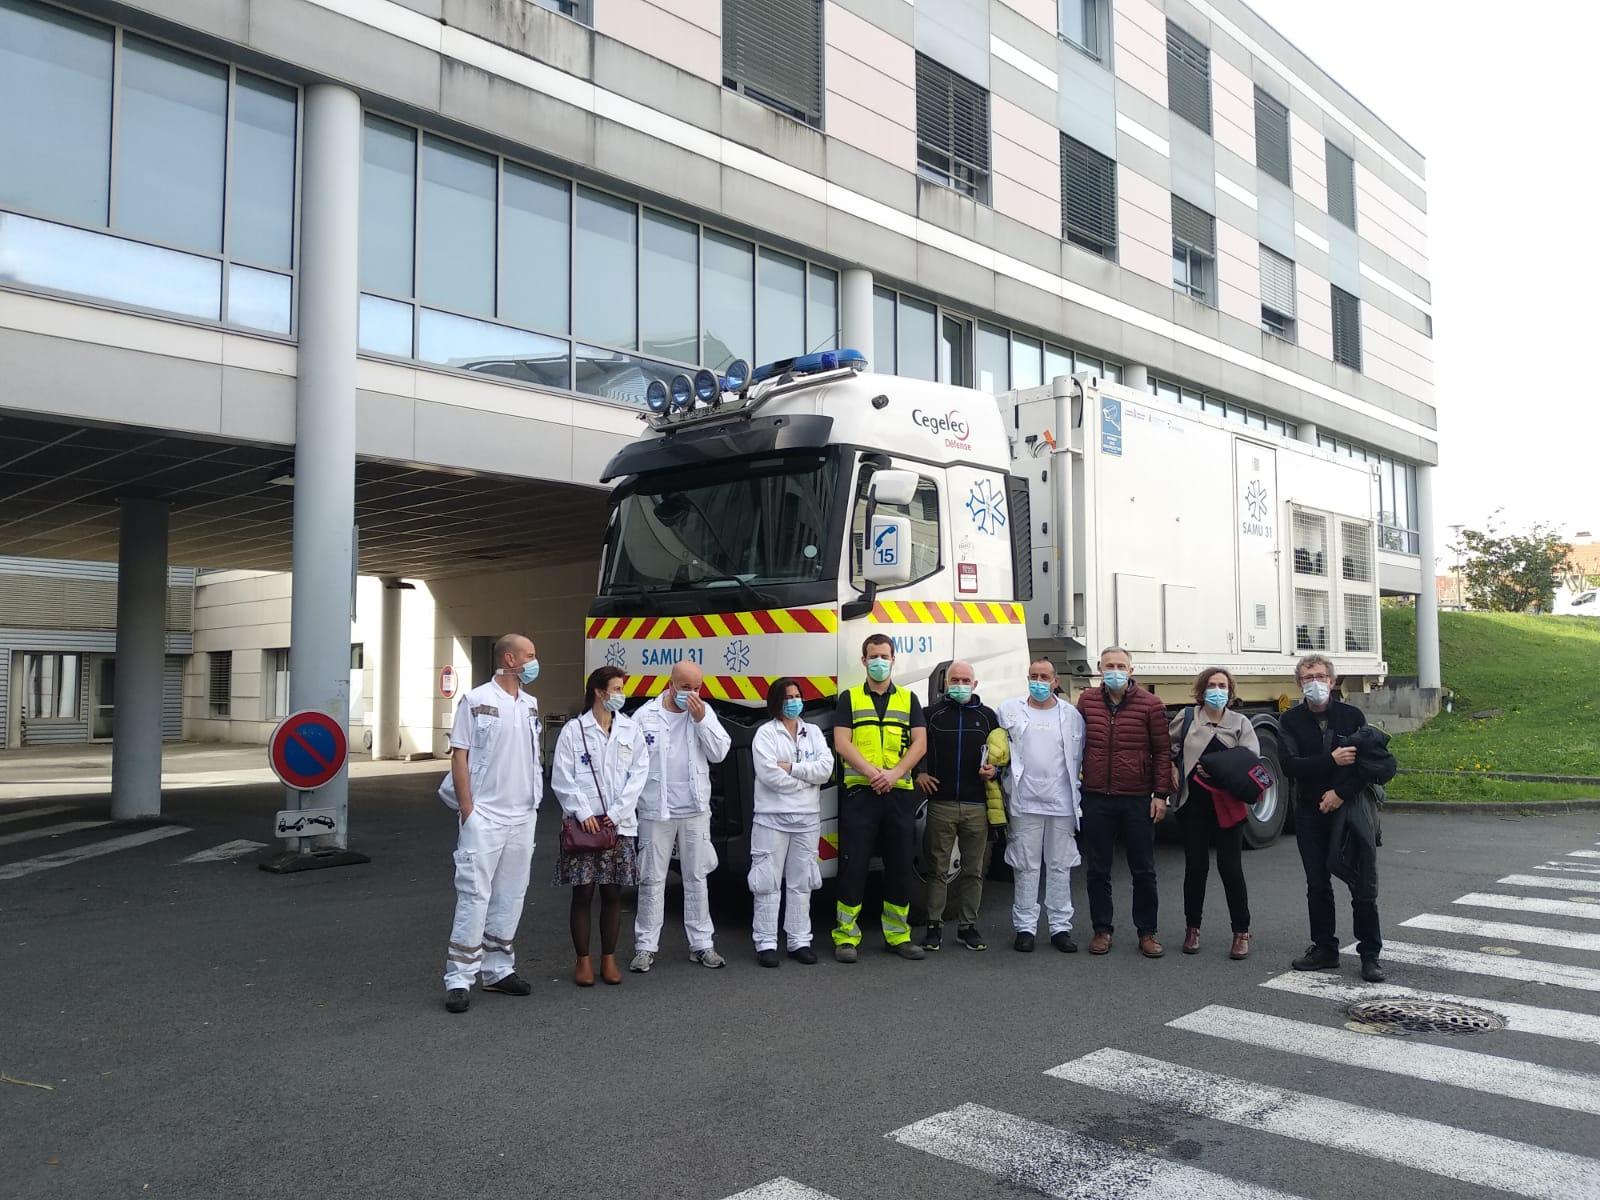 L'unité mobile d'urgences retourne à Toulouse après être passée par la Navarre pour renforcer la campagne de vaccination contre la COVID-19